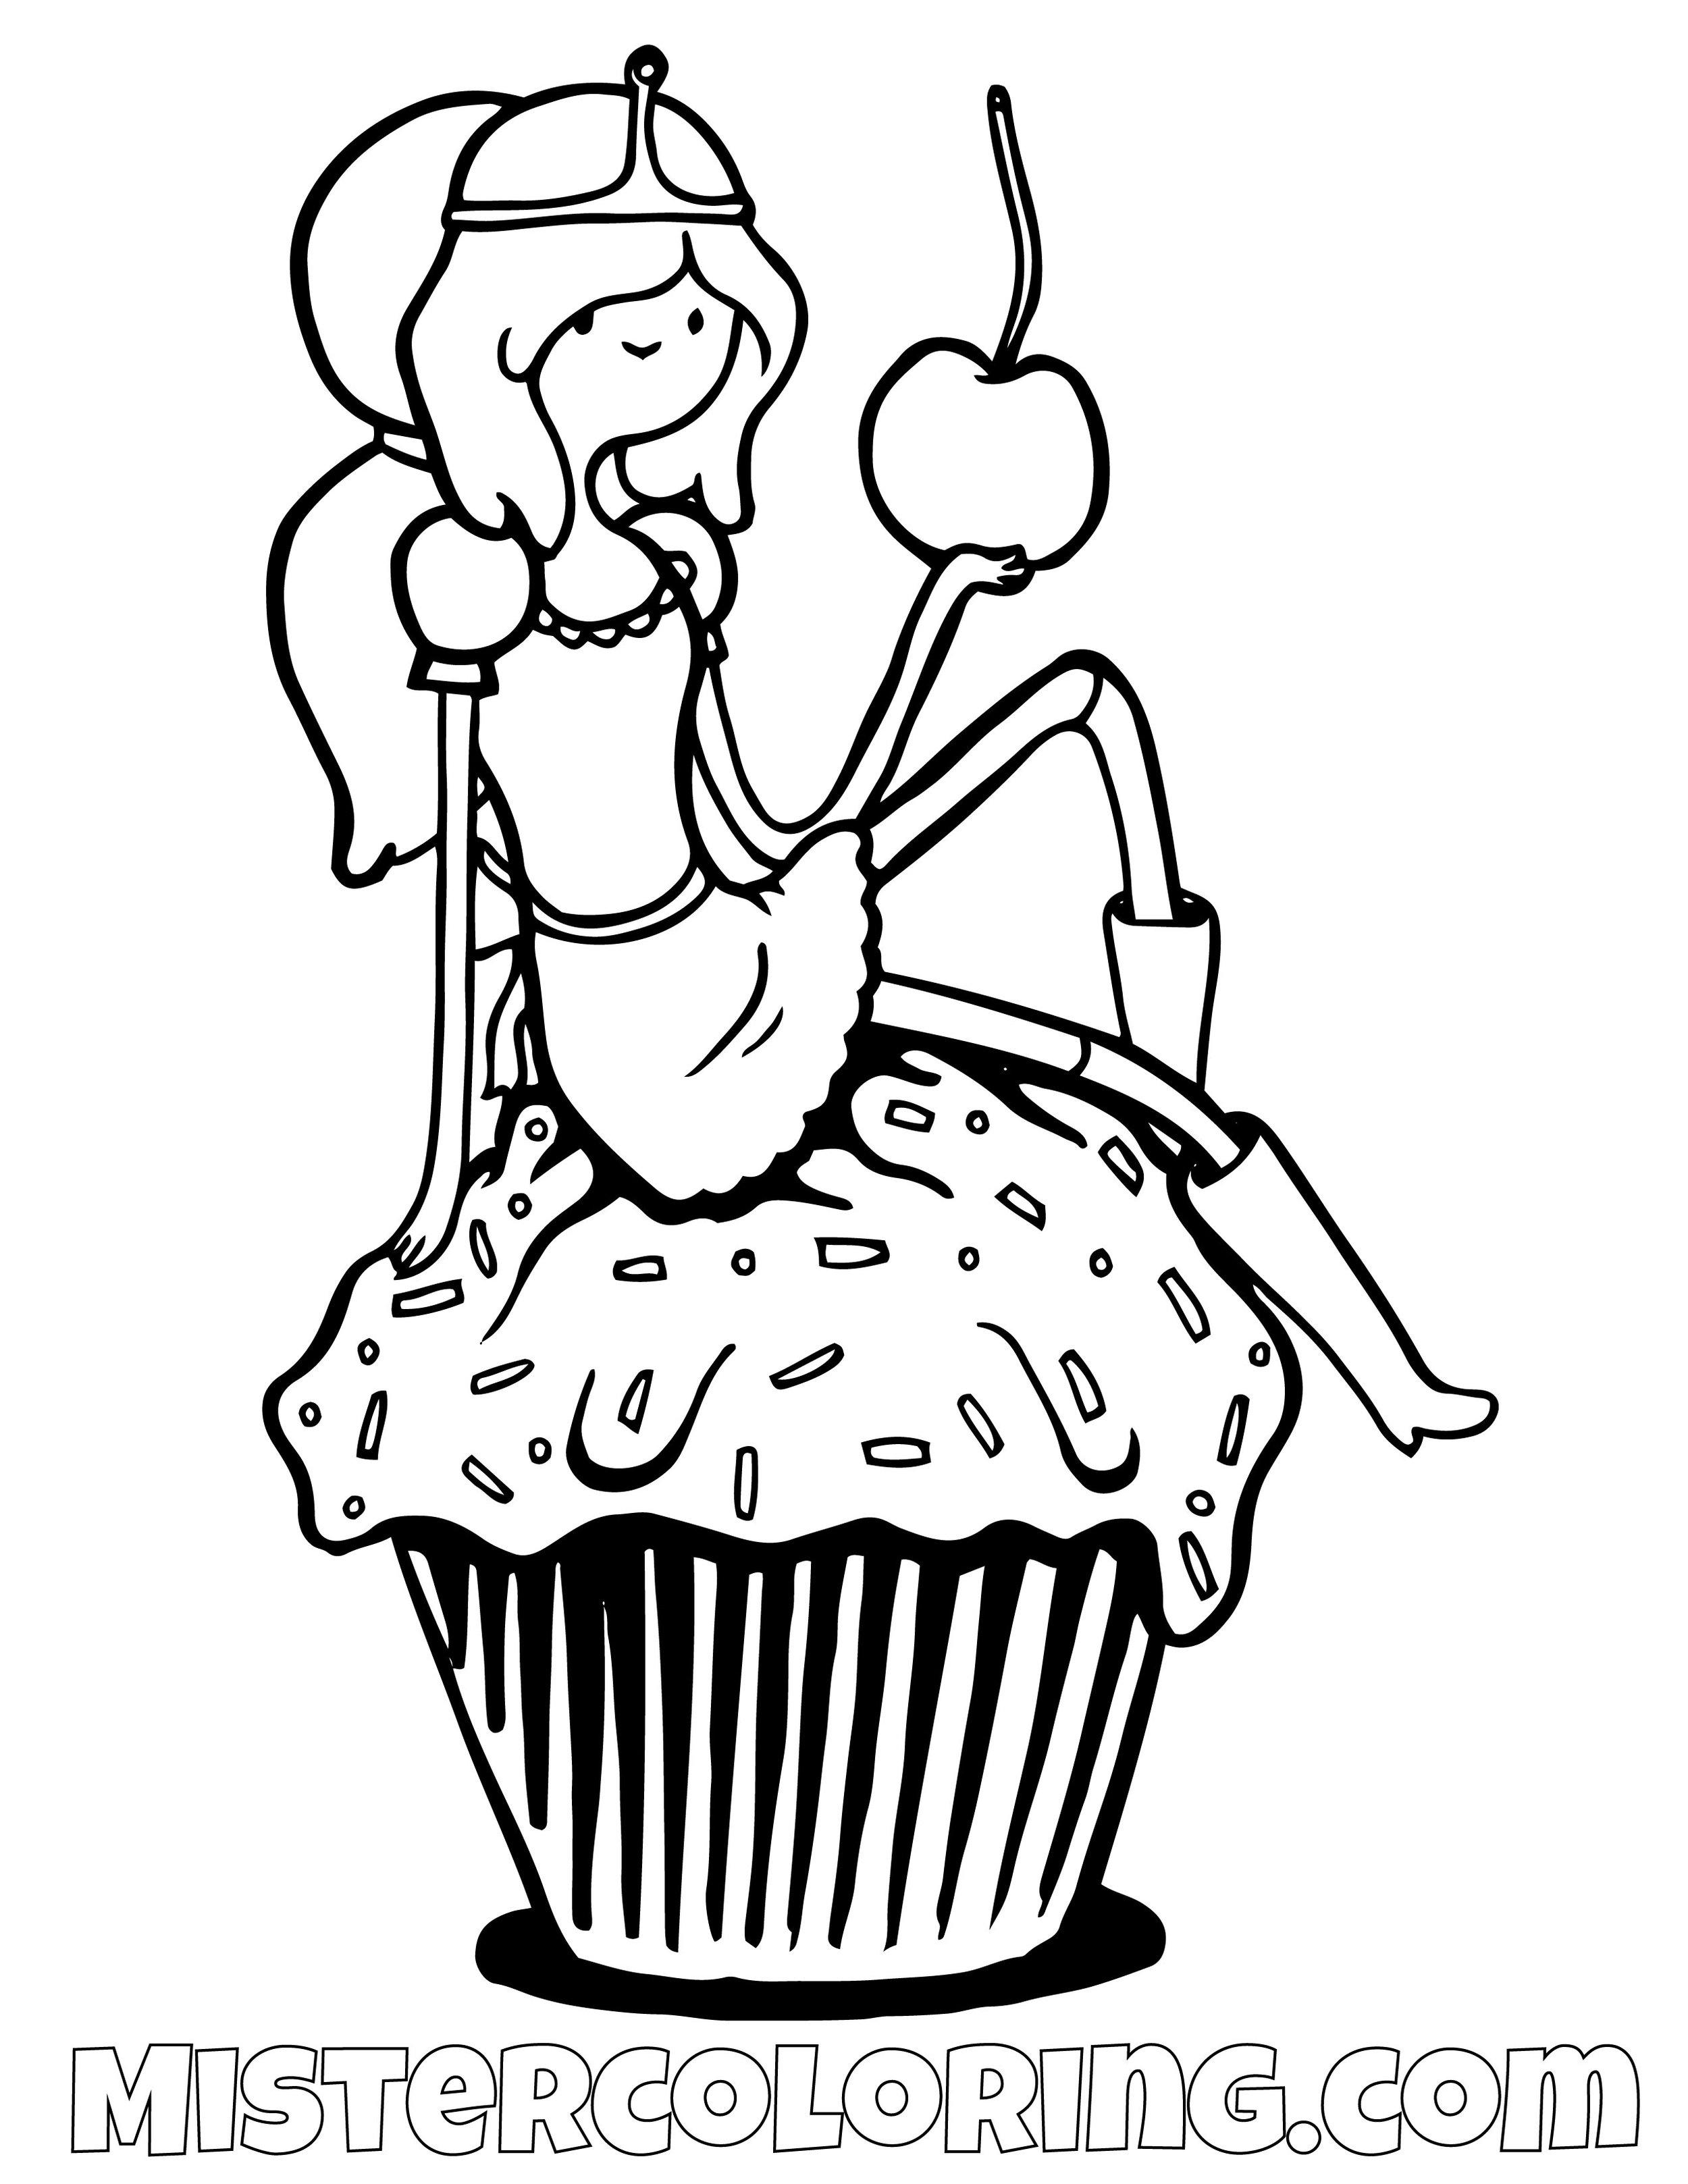 Princess Bubblegum Adventure Time Coloring Page